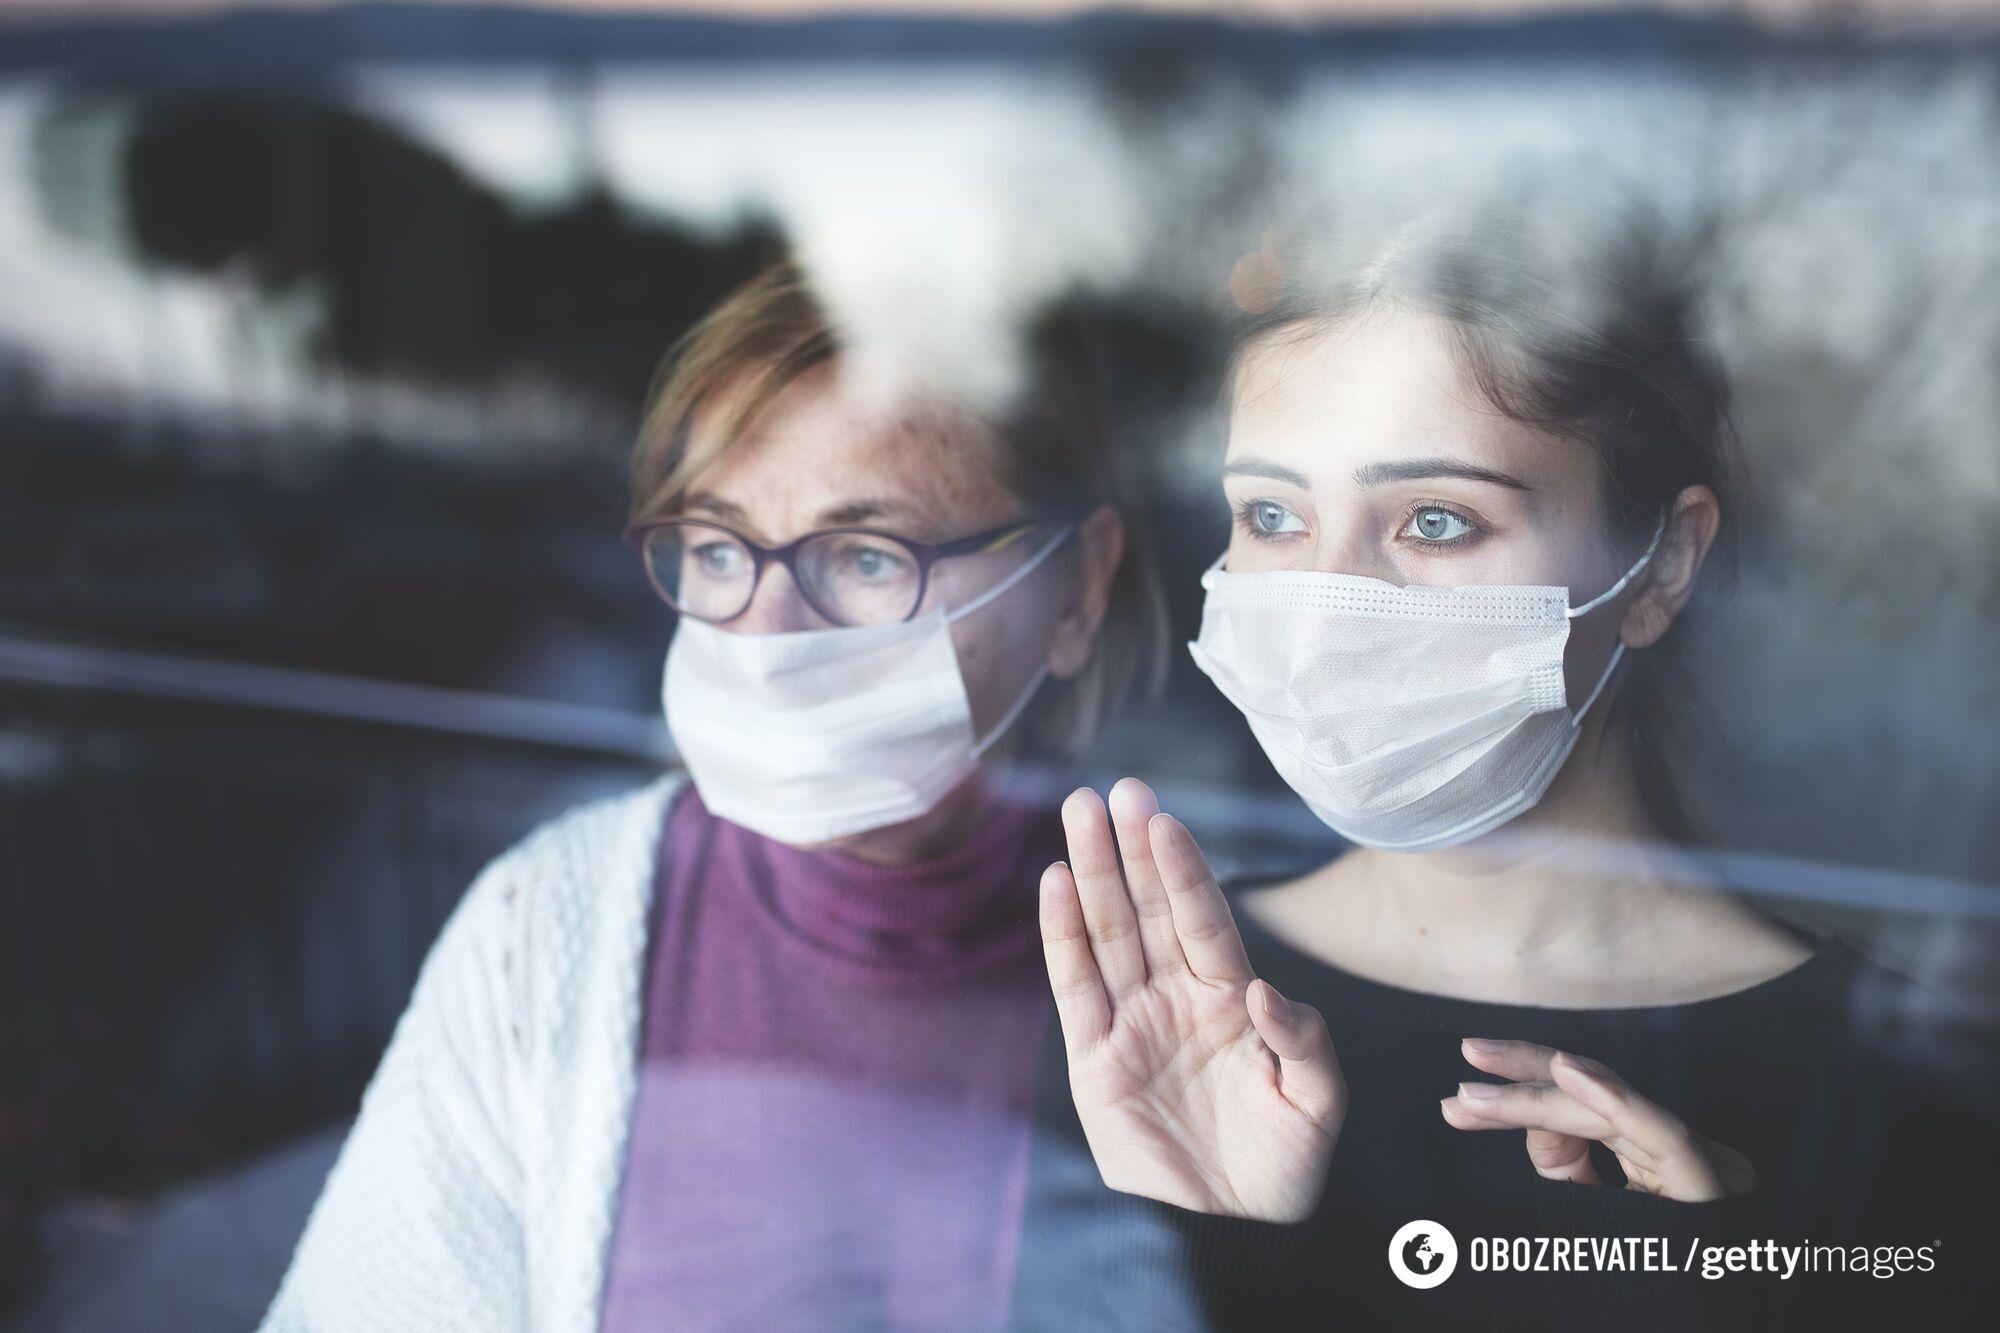 Ученые считают, что люди, которые боятся COVID-19, более критичны к действиям окружающих